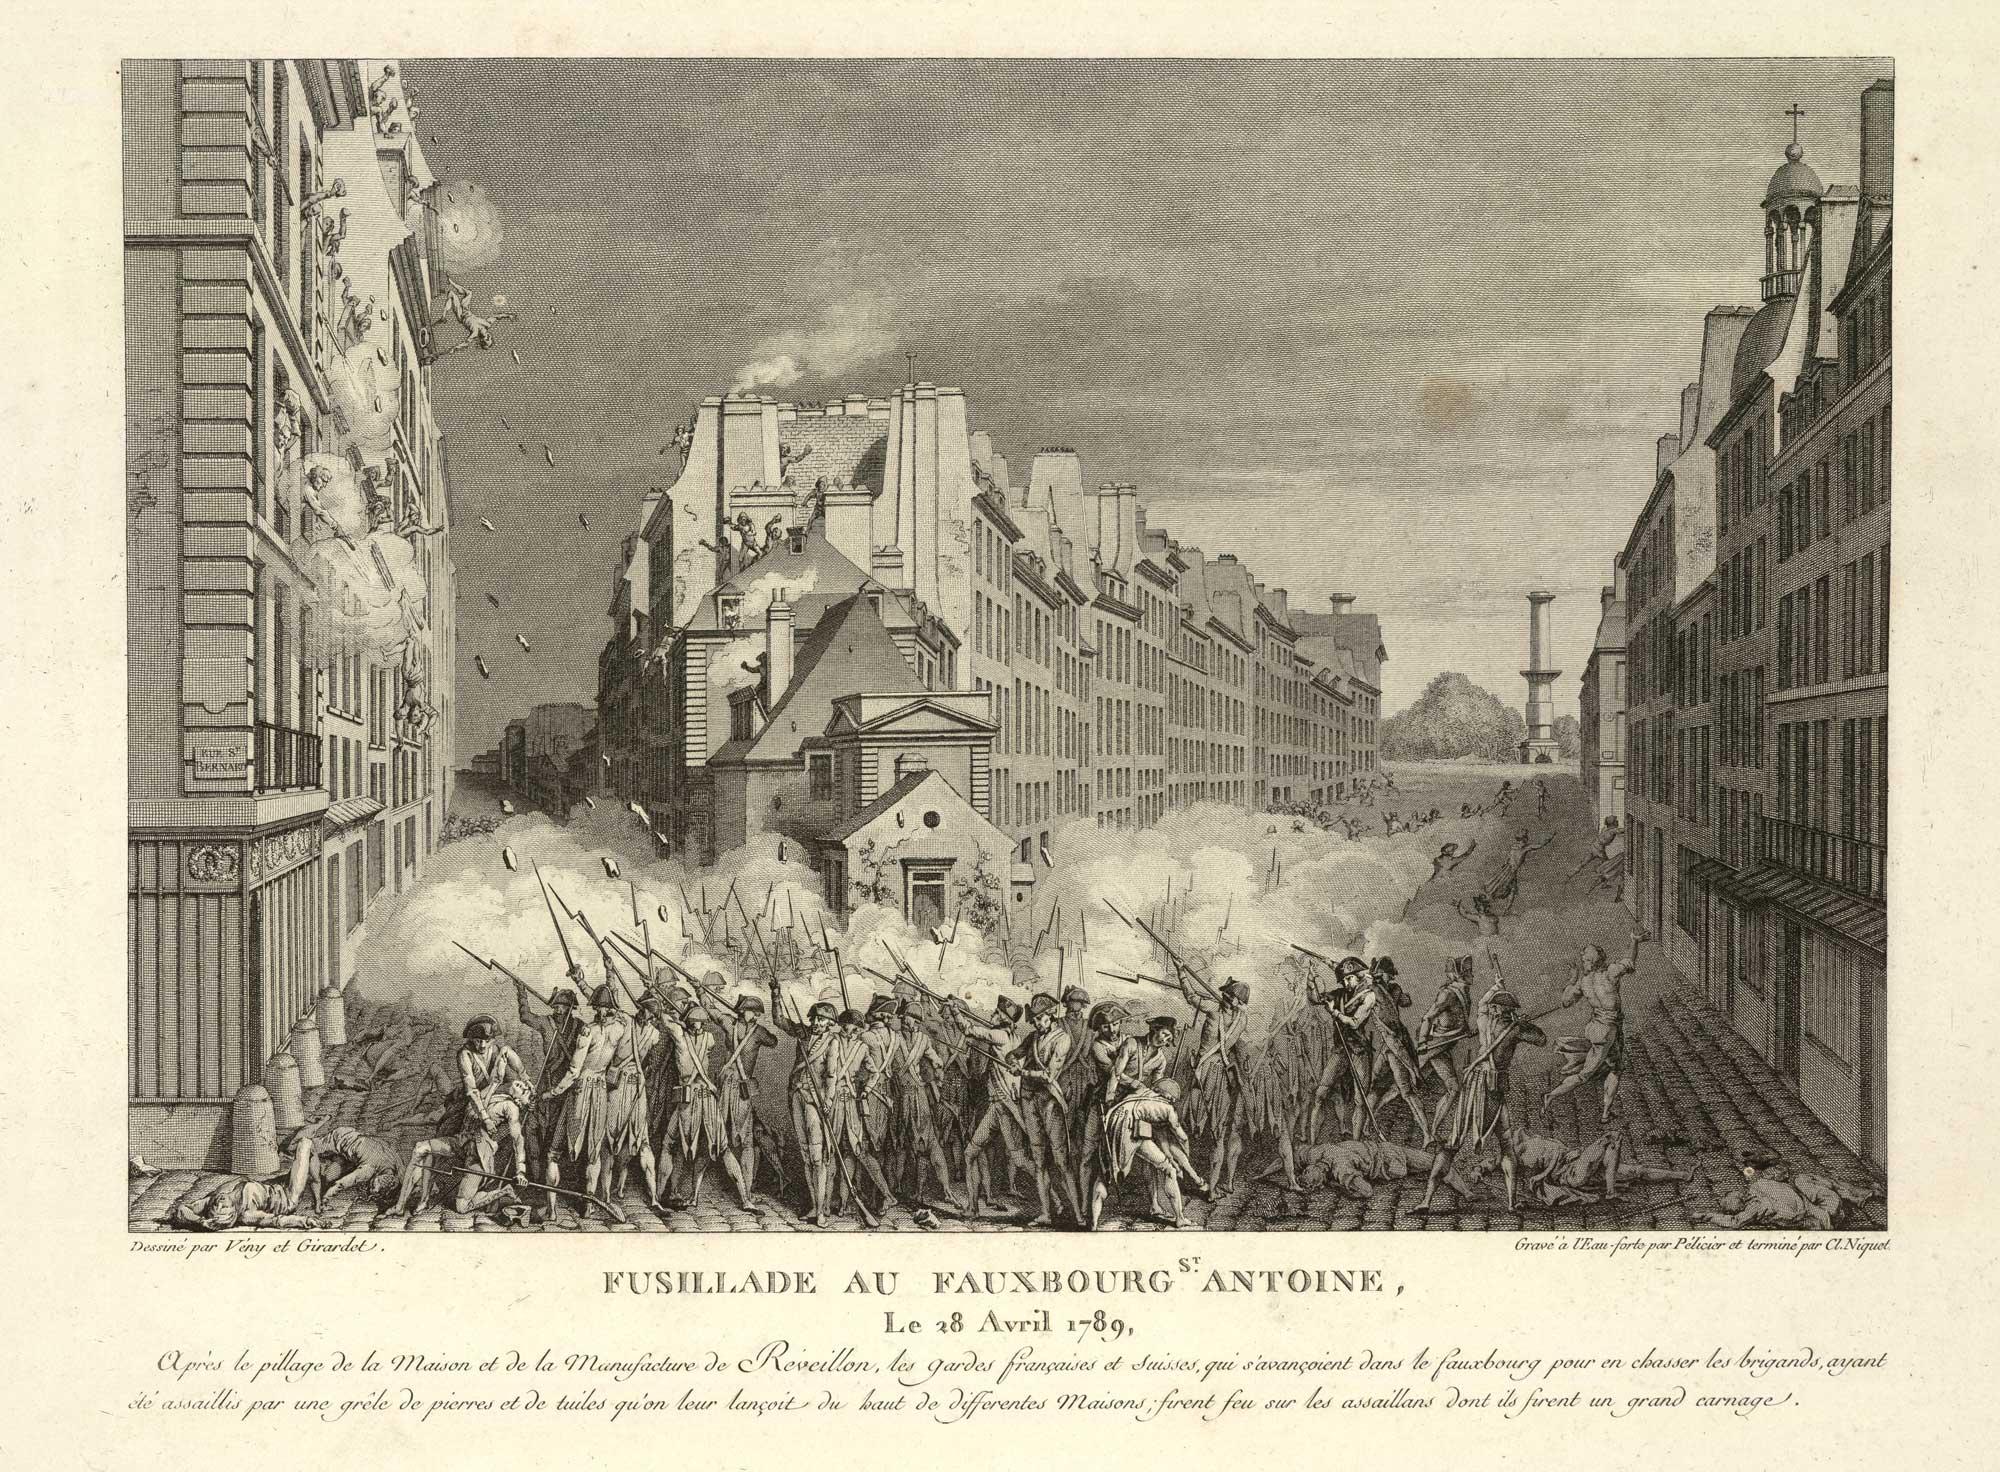 révolution-français-émeutes-affaire-réveillon-fusillade